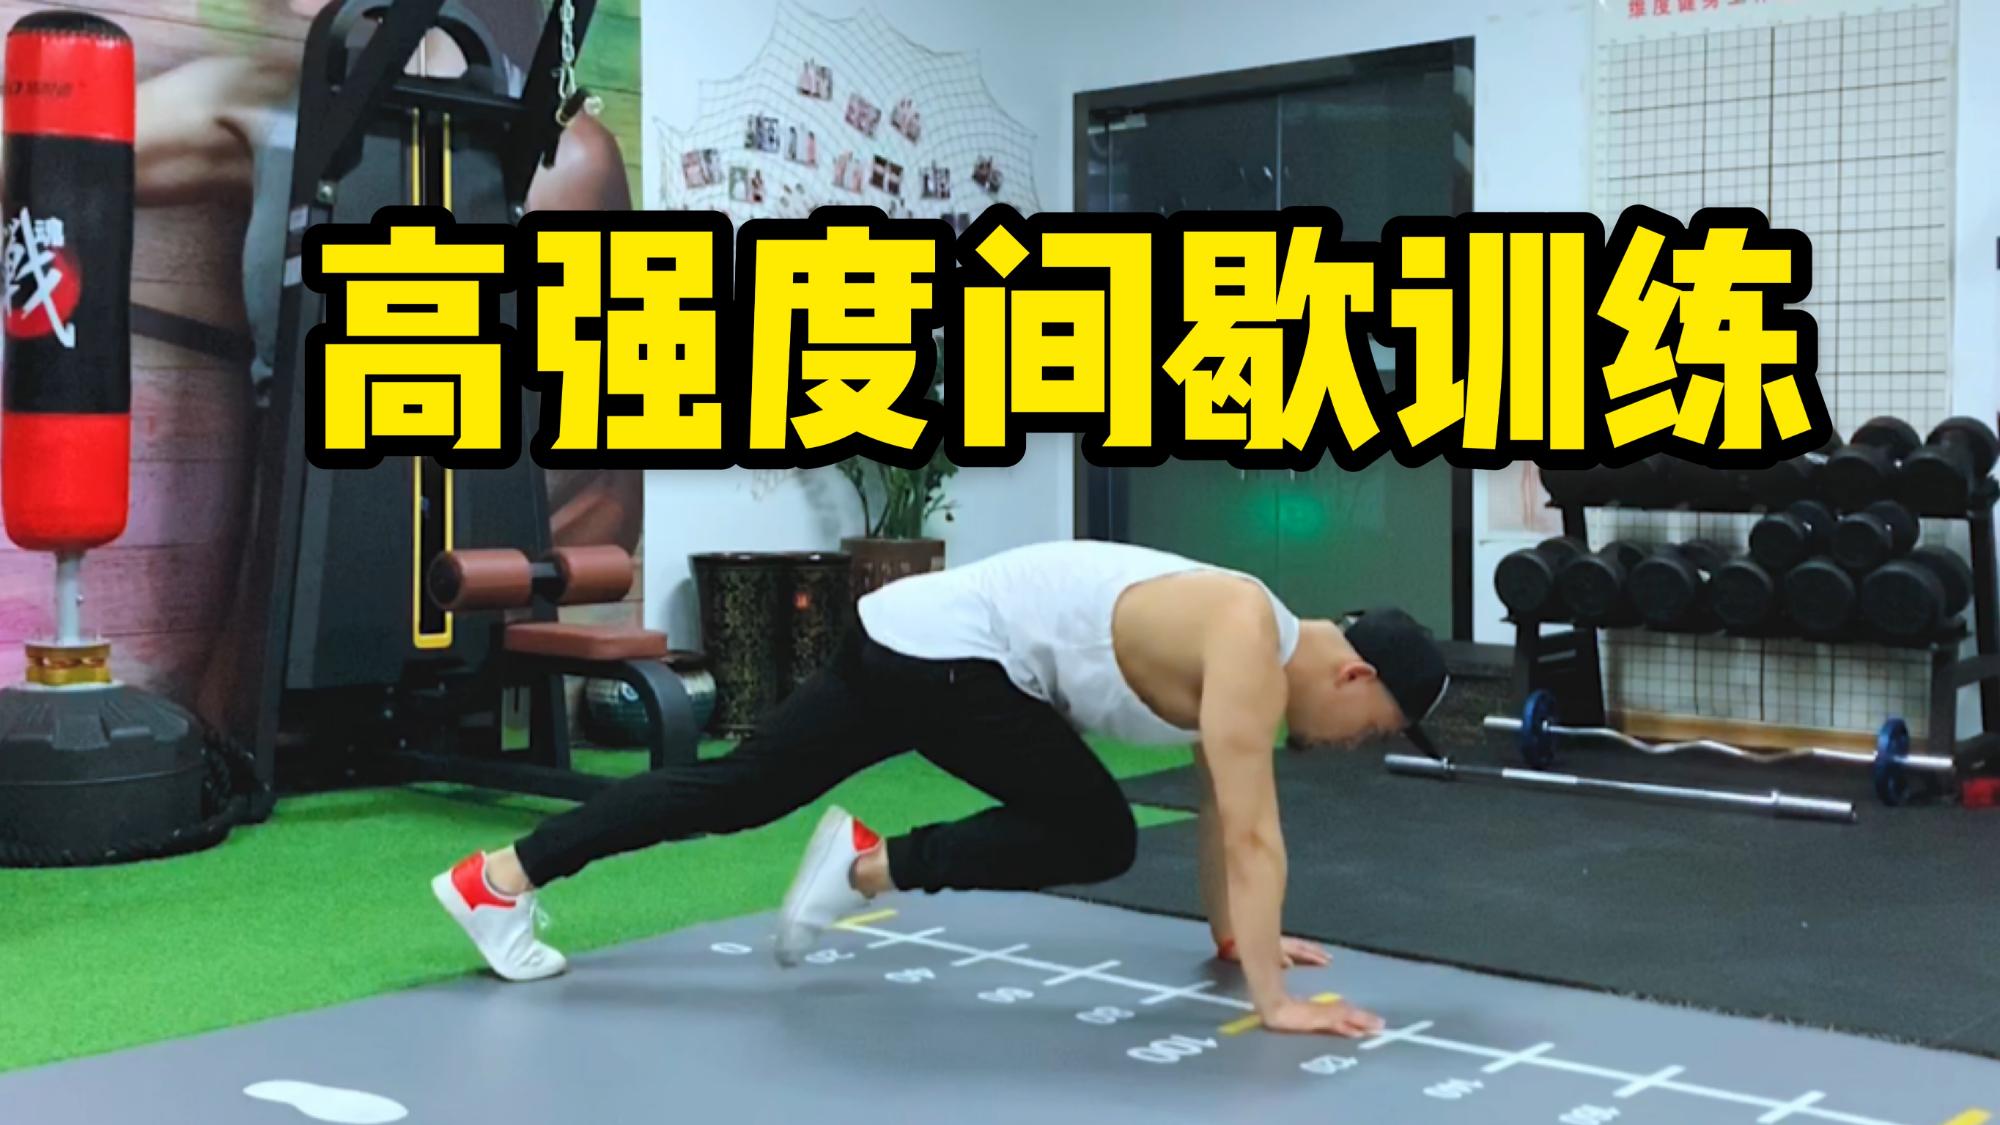 高效燃脂,4分钟8个动作,1天4组,汗流浃背,比跑步半小时还管用